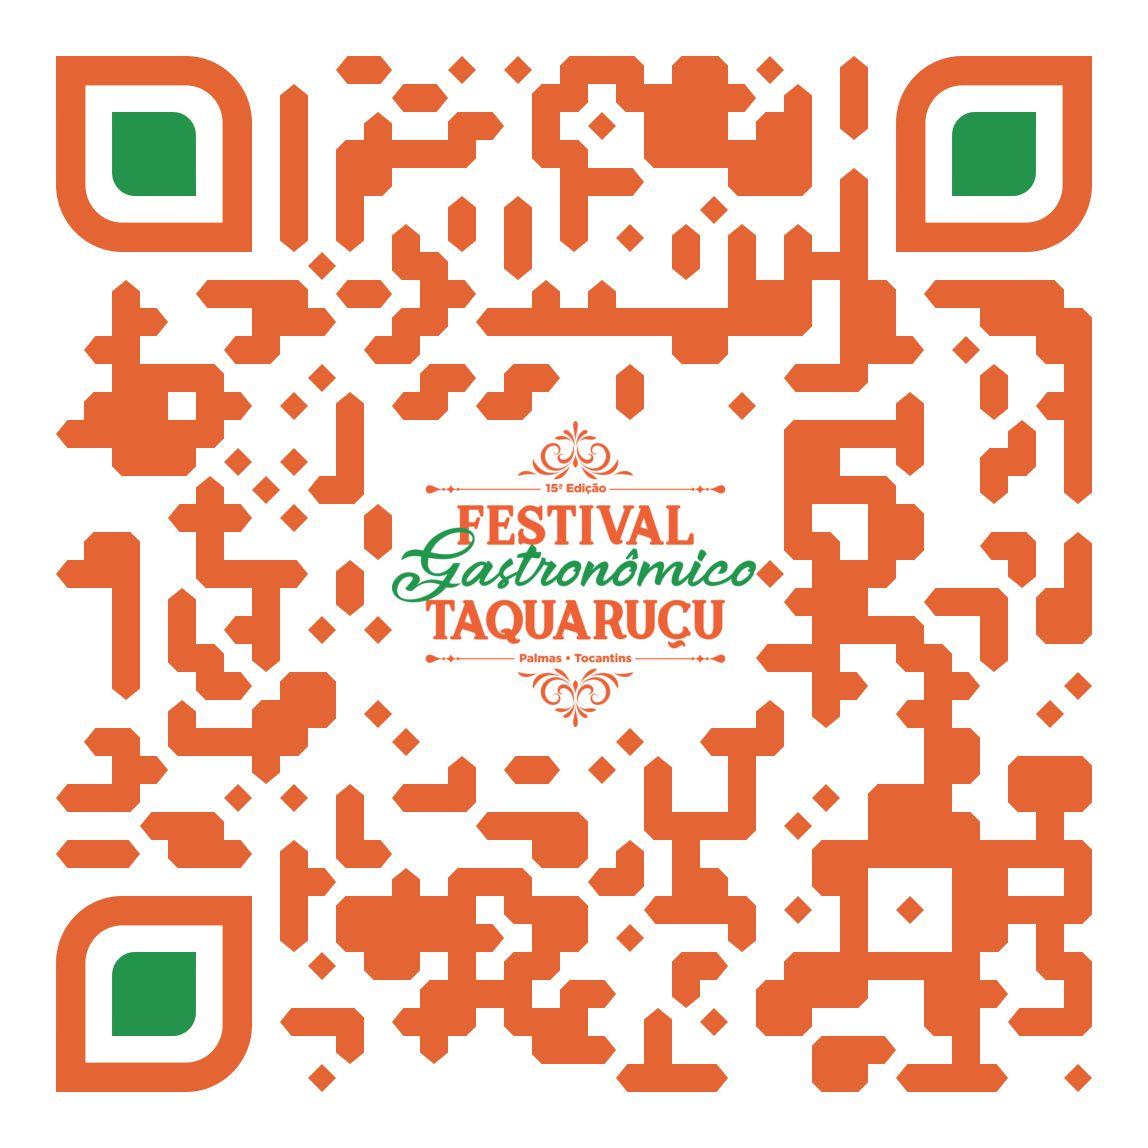 15º FGT: Festival contará com cardápio on-line com todos os pratos participantes